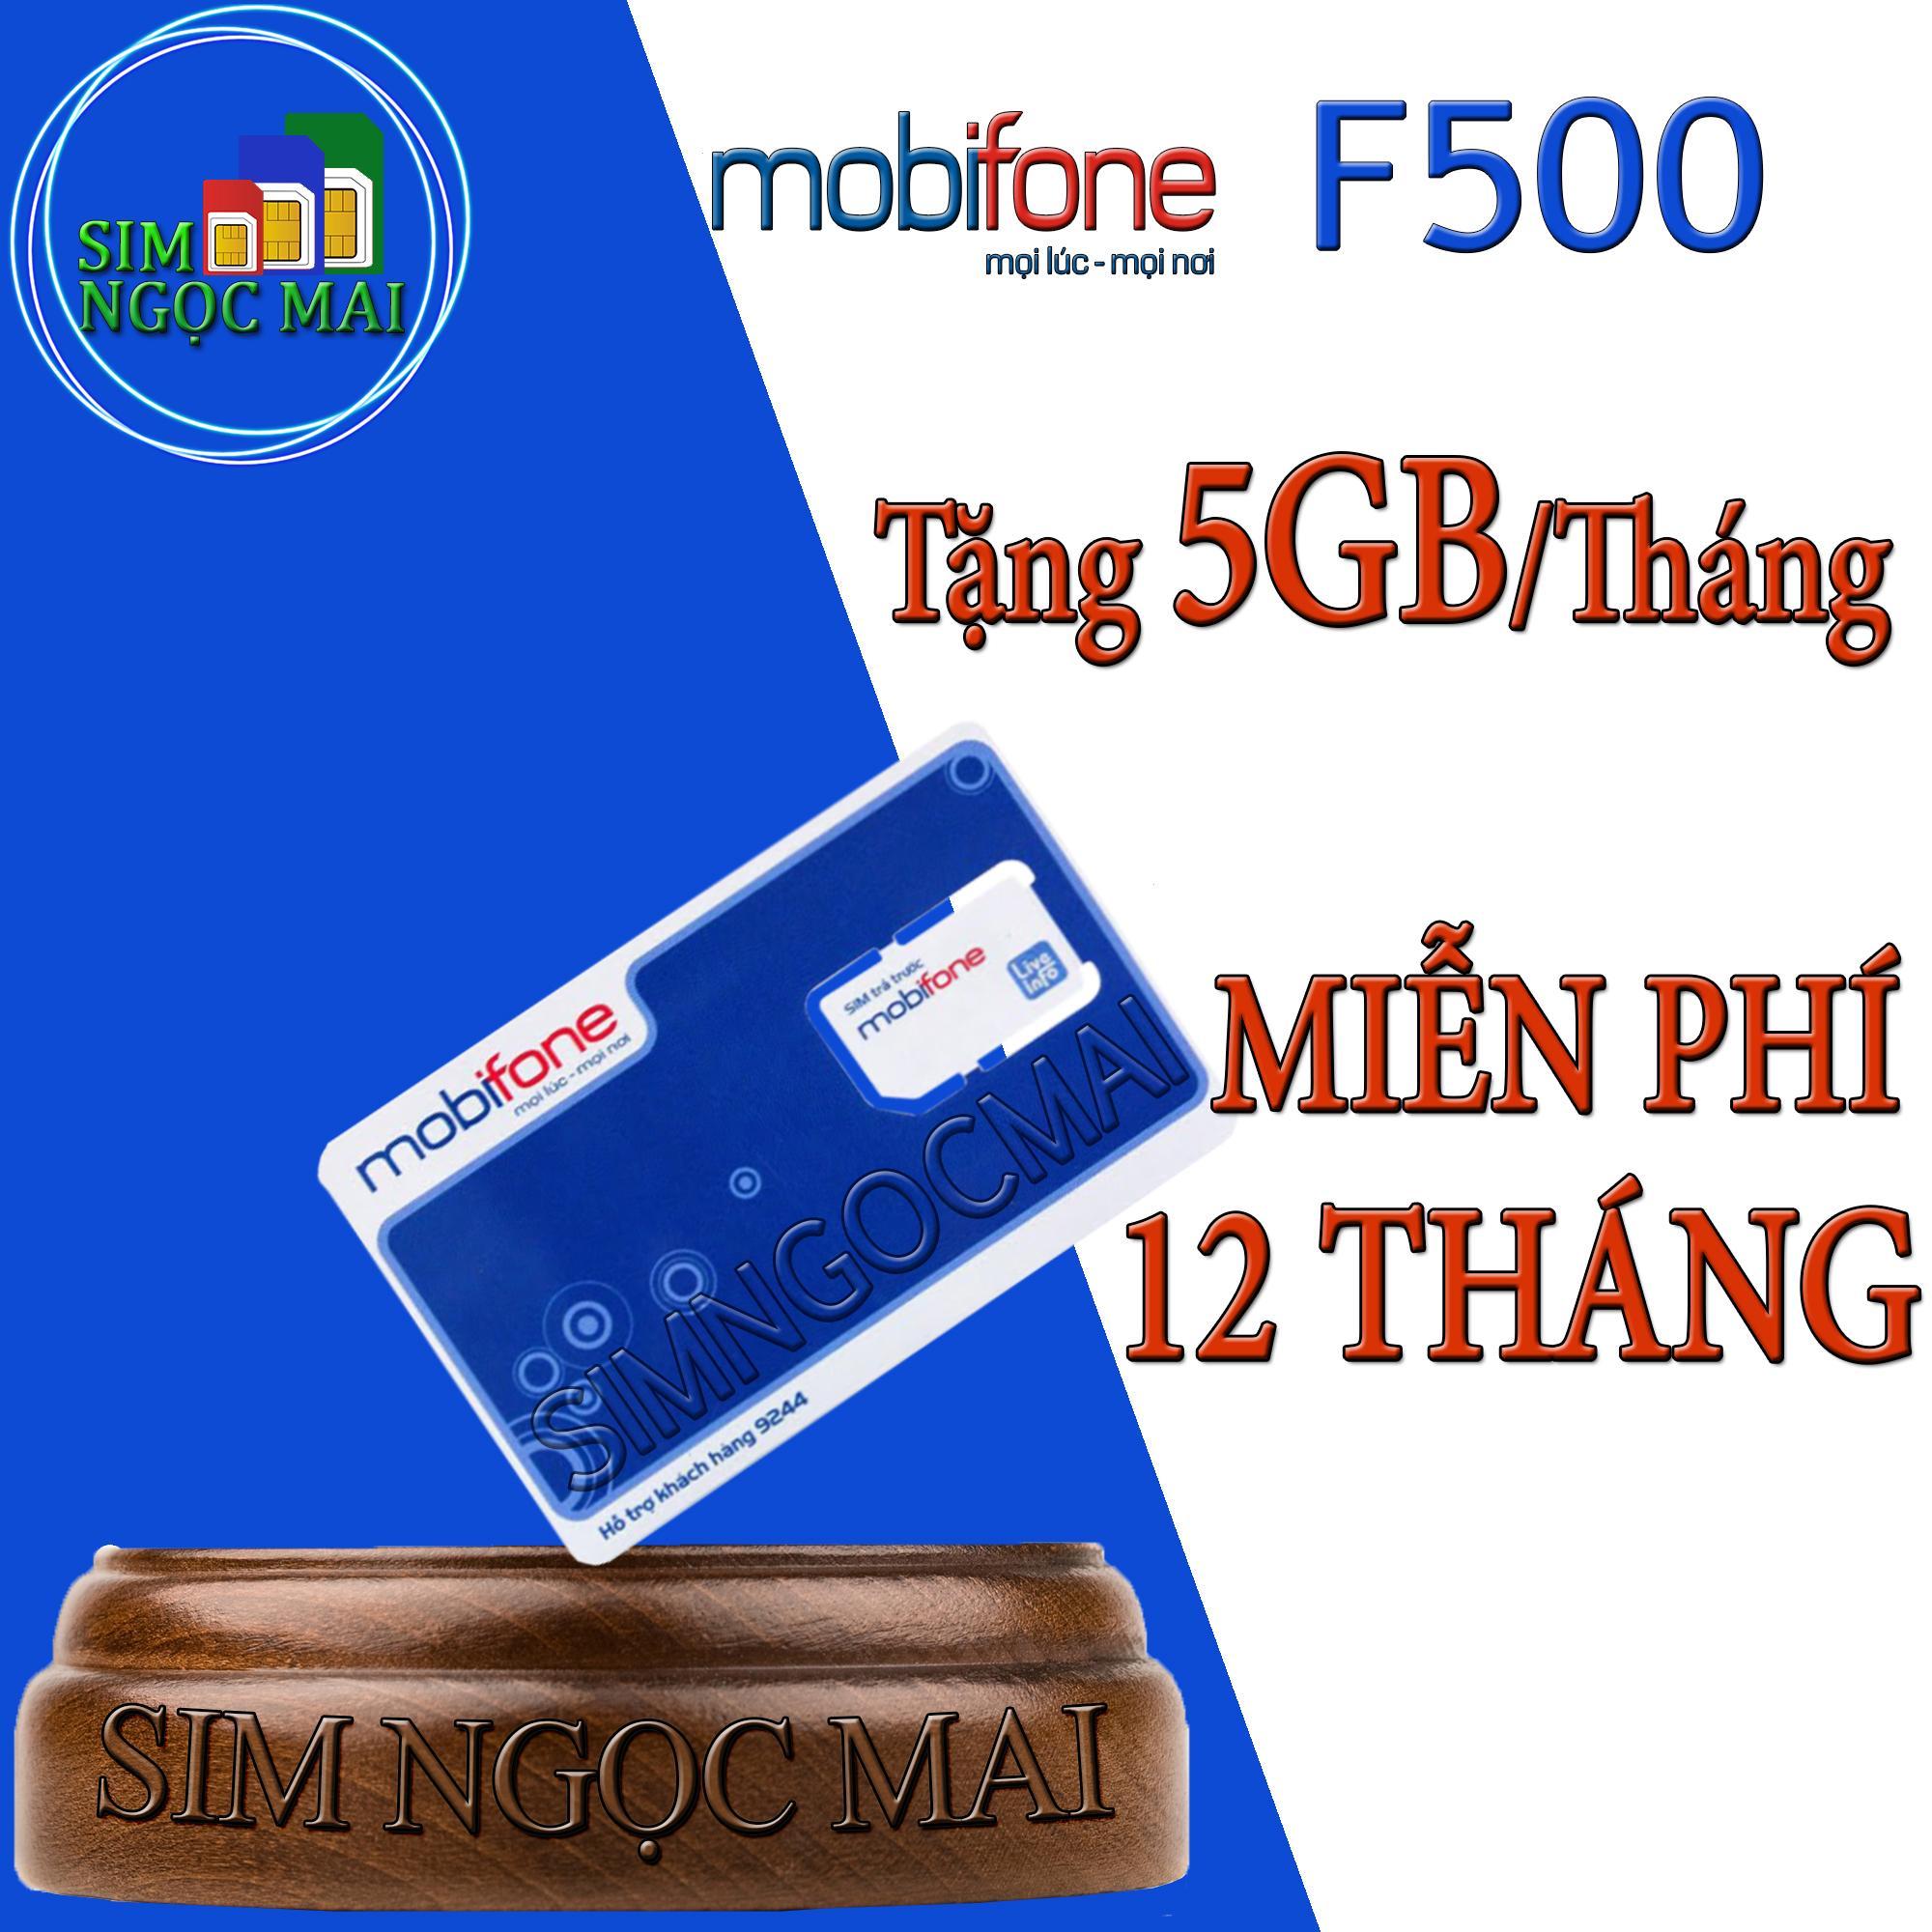 Sim 4G Mobifone F500N Trọn Gói 1 Năm Không Nạp Tiền